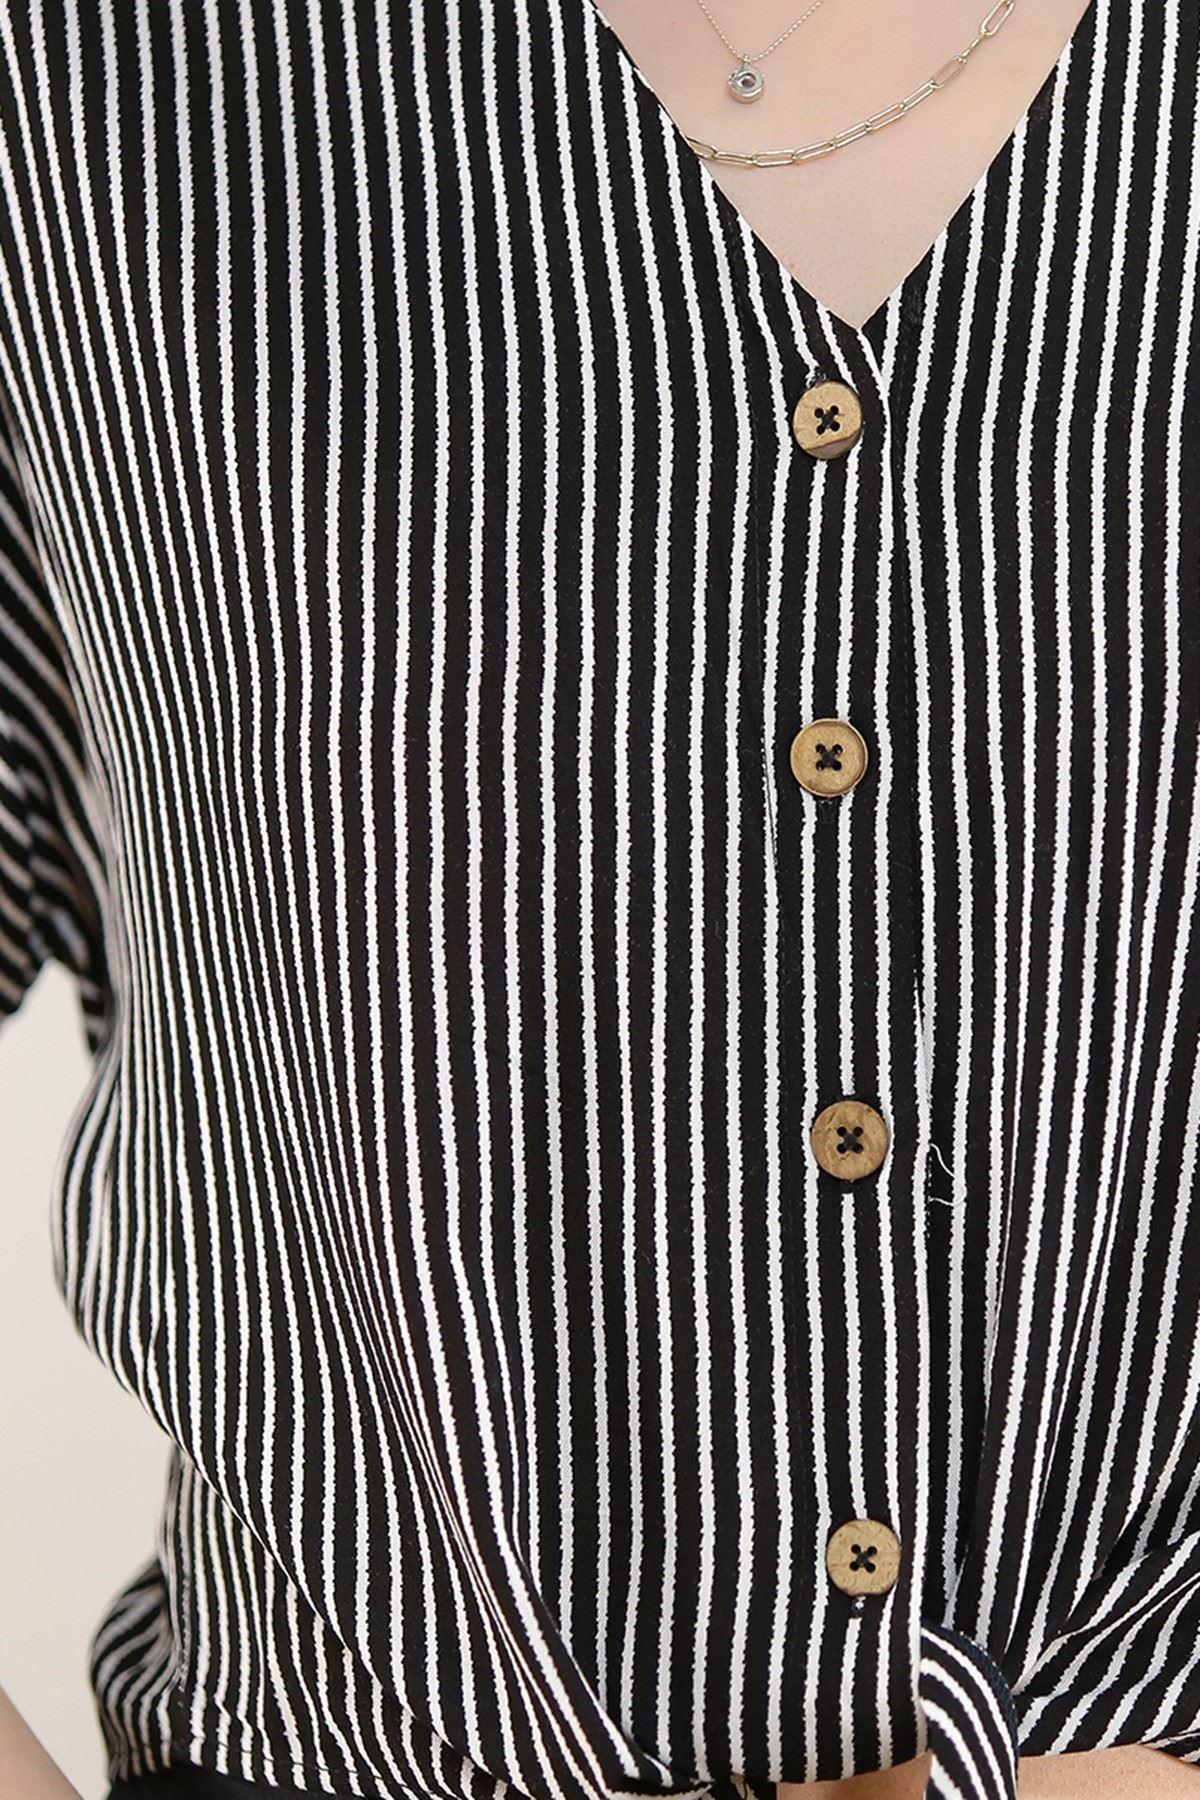 Eteği Bağlamalı Gömlek Siyahçizgili - 20005.200.